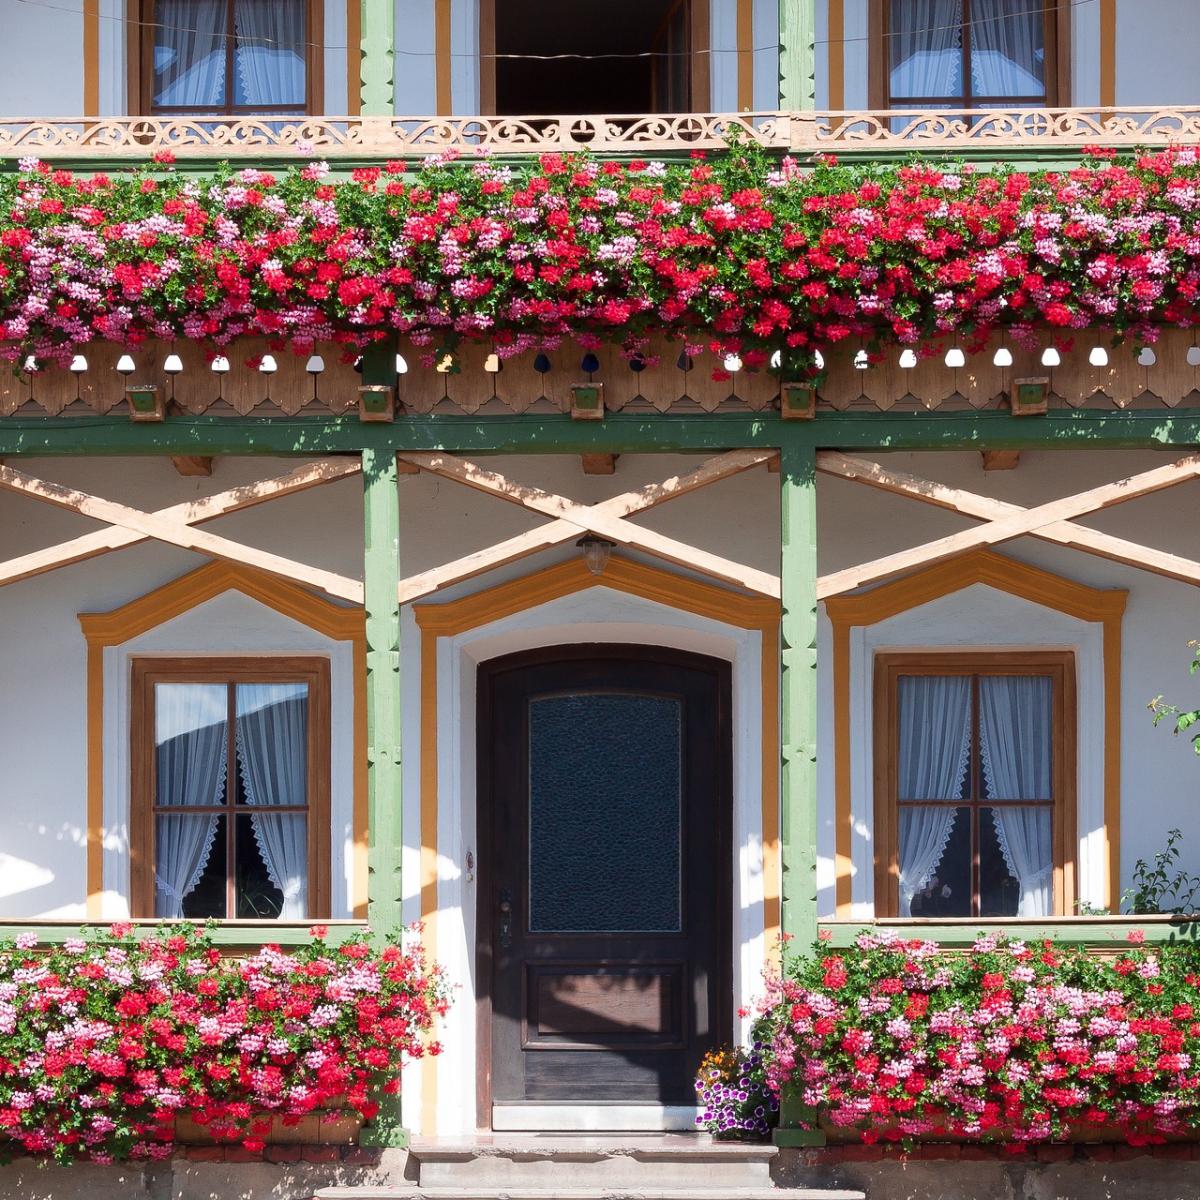 ヨーロッパの窓辺に飾られるゼラニウム